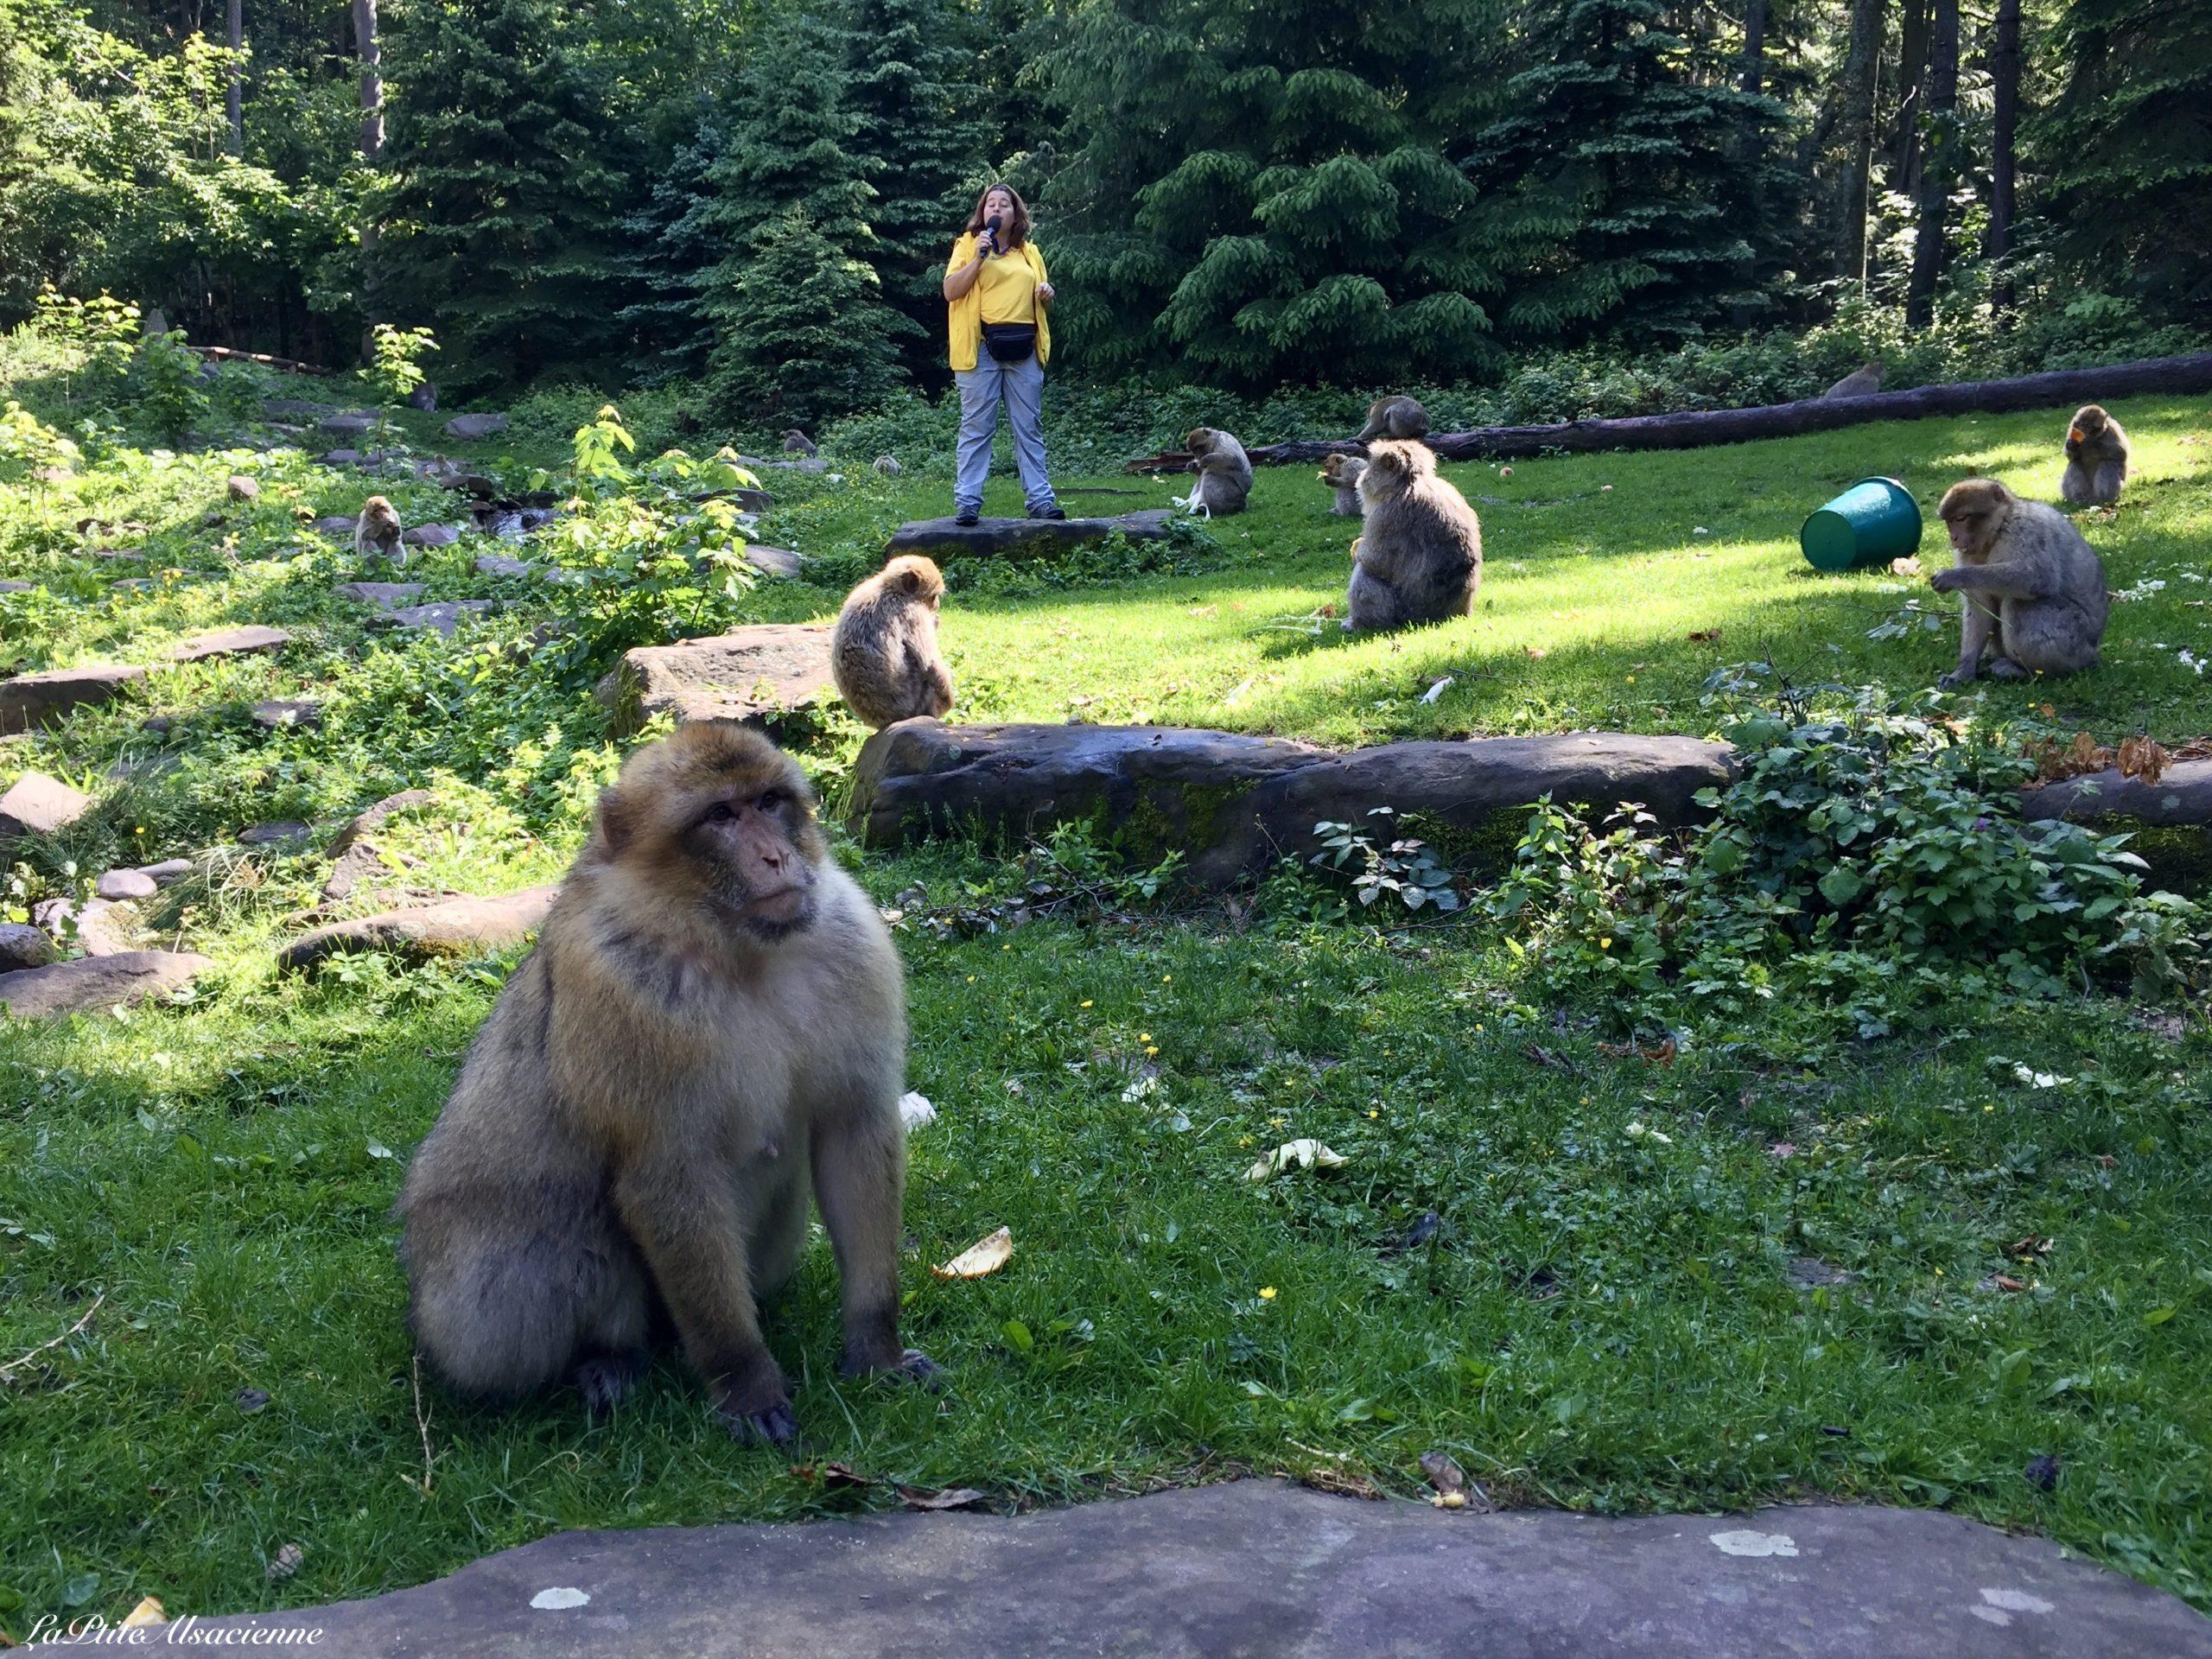 La montagne des singes (mai 2018) - Photo de Cendrine Miesch